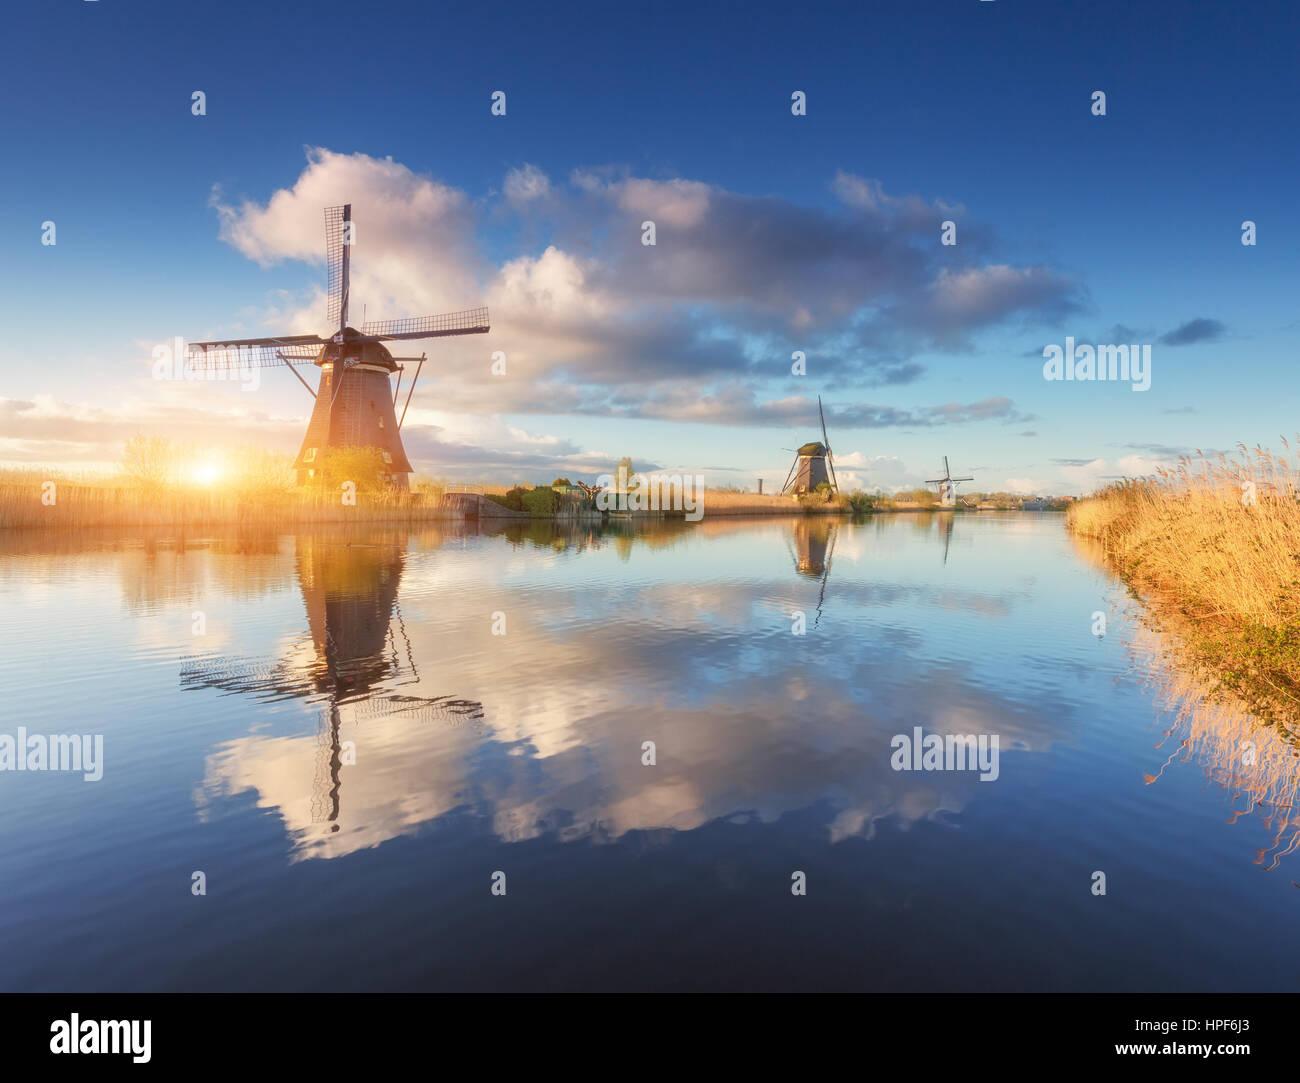 Les moulins à vent au lever du soleil. Paysage rustique avec de superbes moulins à vent hollandais près Photo Stock